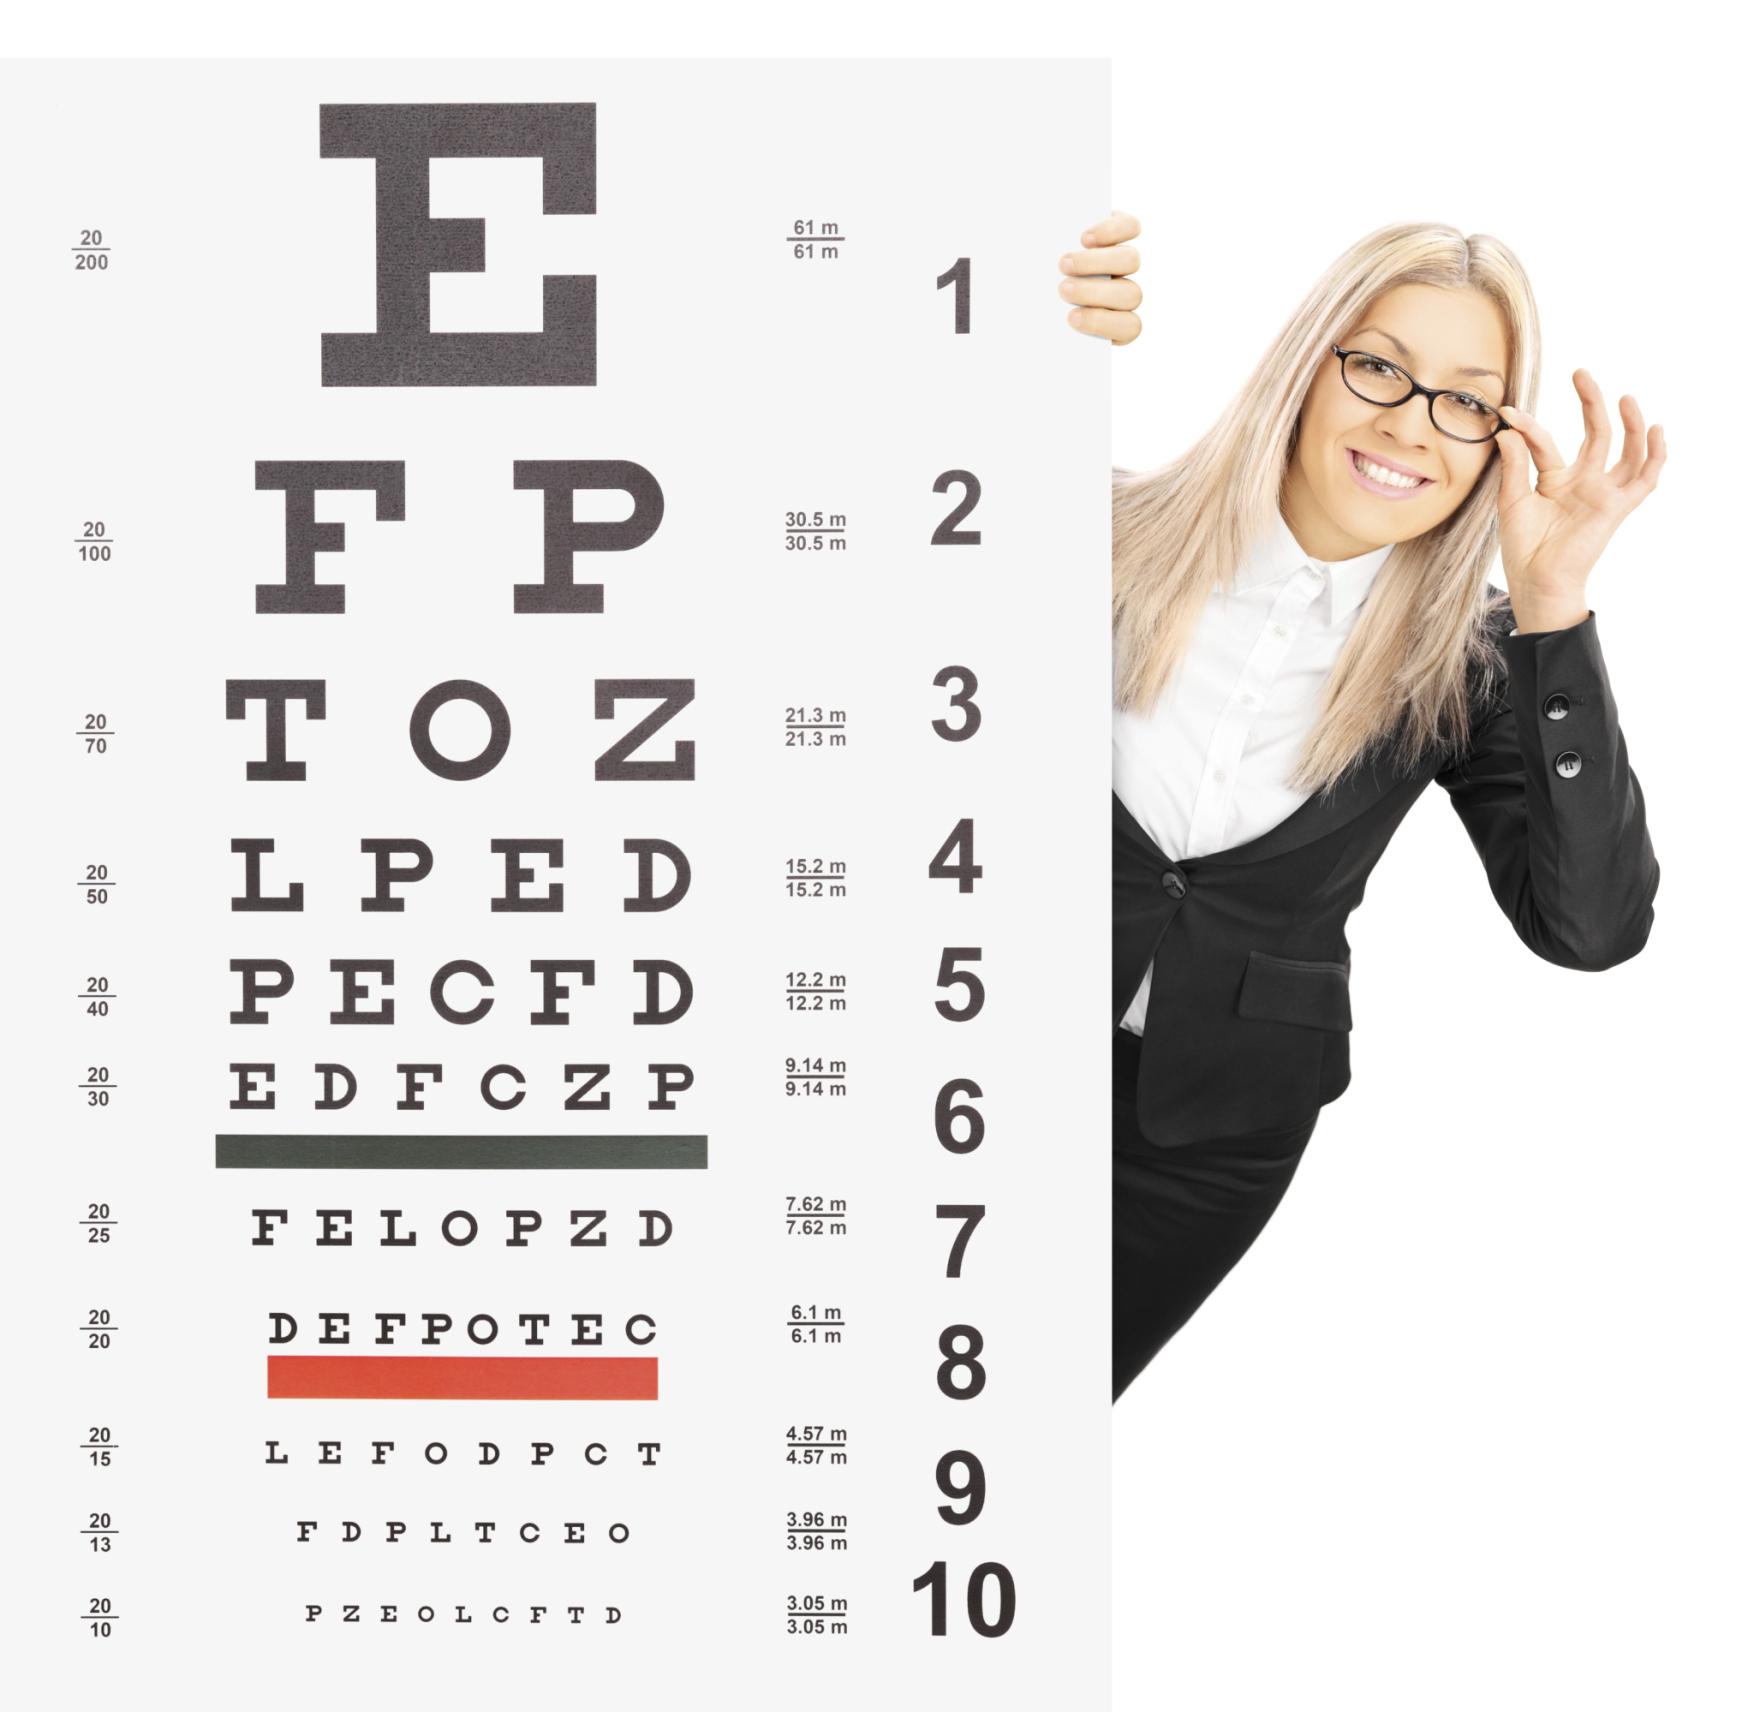 látás progresszív rövidlátás belső látáslátás az